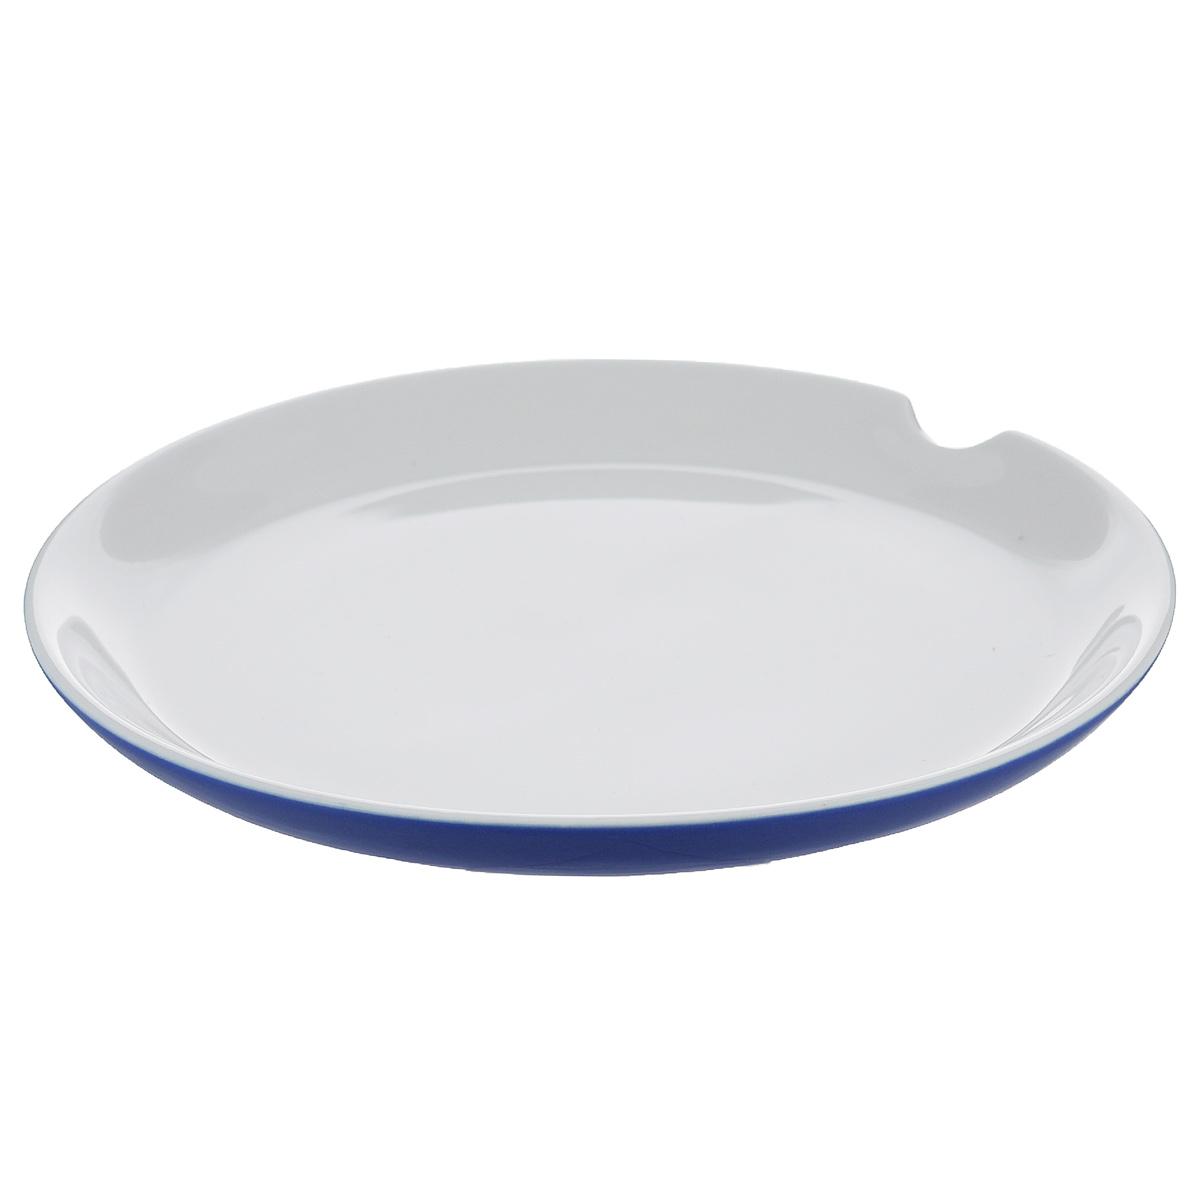 Тарелка для пирожного Brabantia, цвет: фиолетовый, диаметр 18 см620843Тарелка для пирожного Brabantia изготовлена из прочного высококачественного фарфора и подходит для повседневного использования. Удобный вырез по краю тарелки удержит ложку или вилку на месте. Всегда актуальный дизайн - подойдет для любого случая. Можно нагревать в микроволновой печи и мыть в посудомоечной машине.